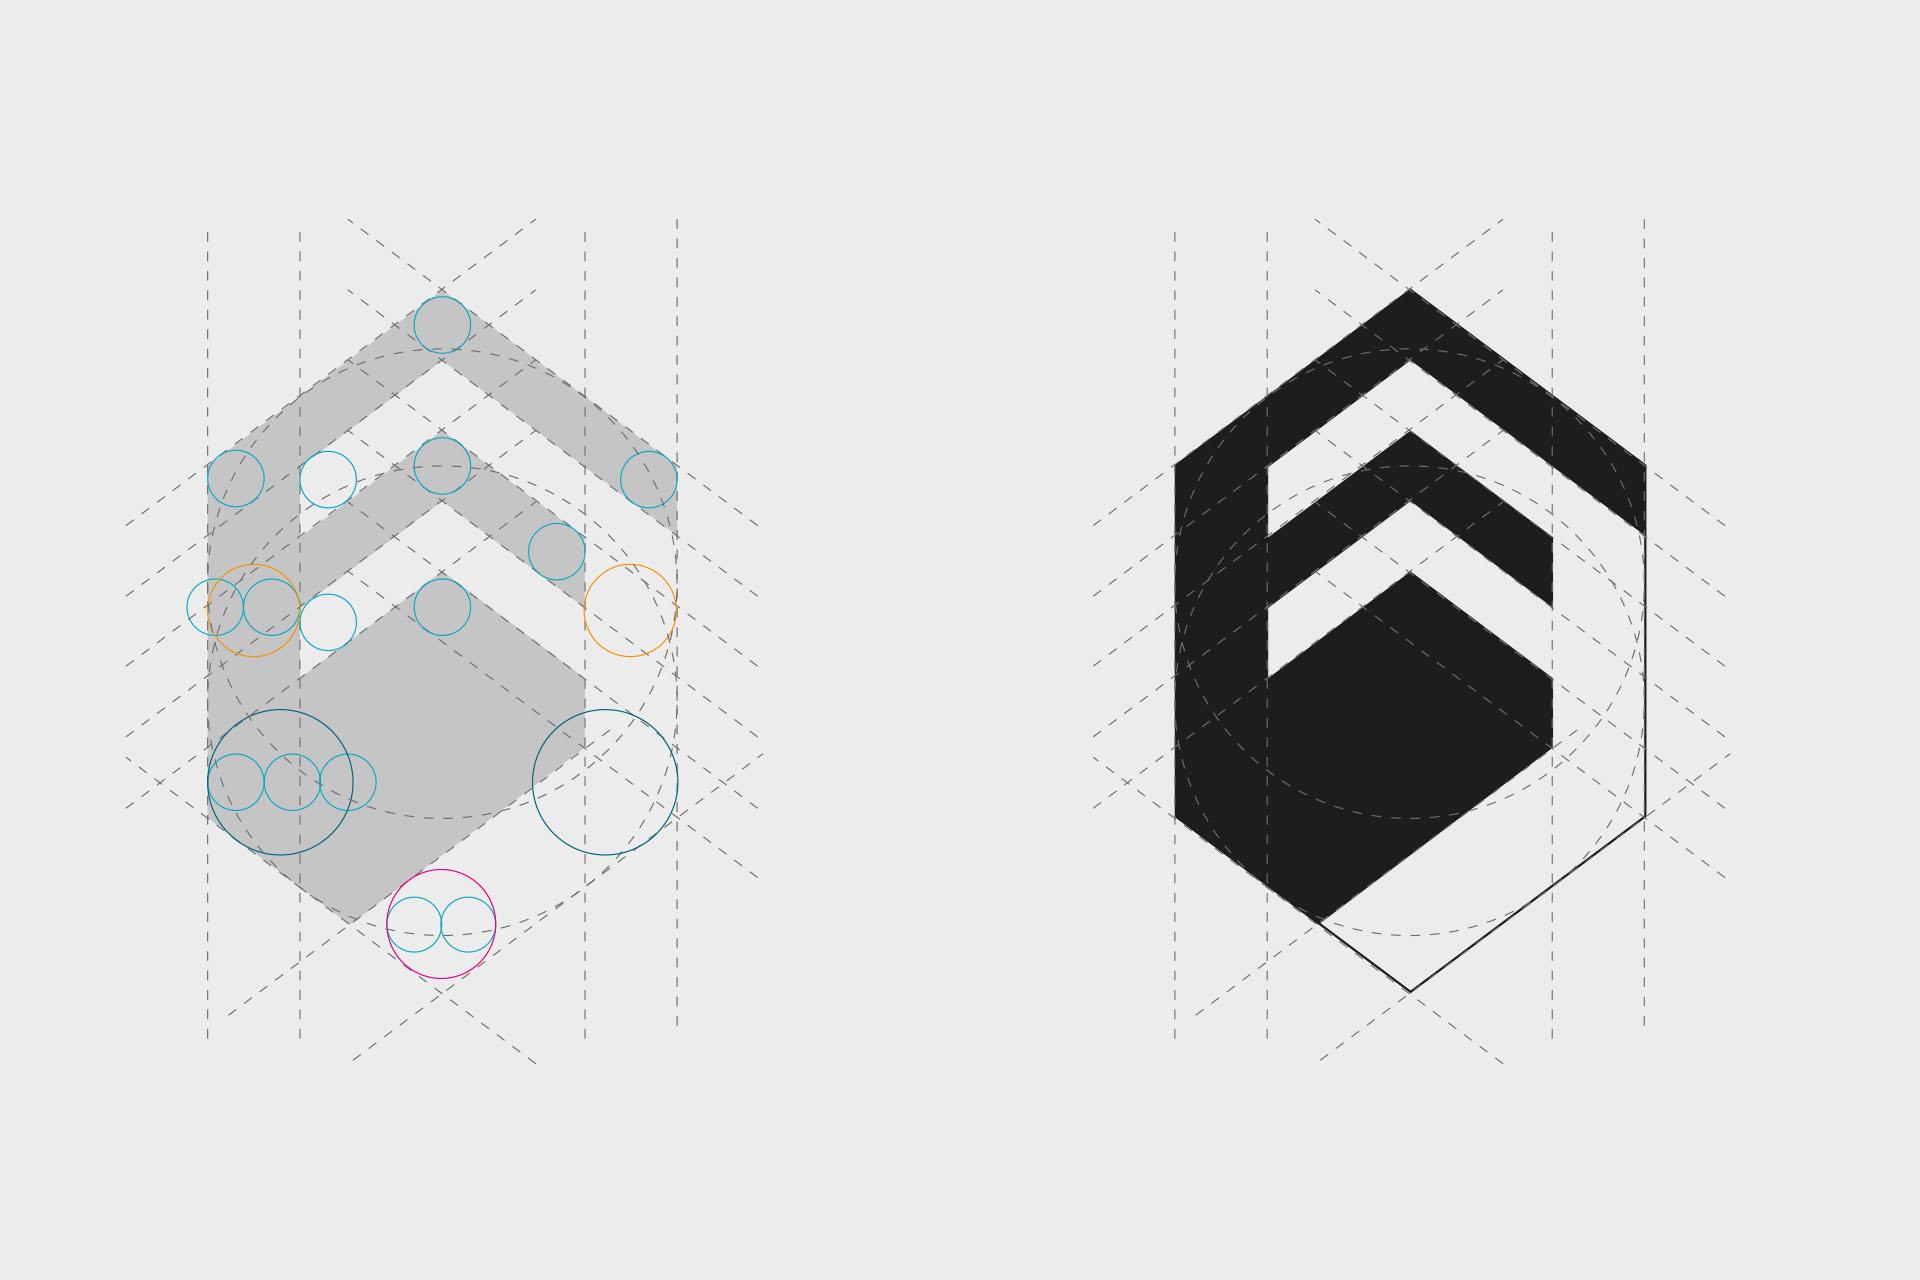 Emilio frigato immobiliare slide 1 logo design